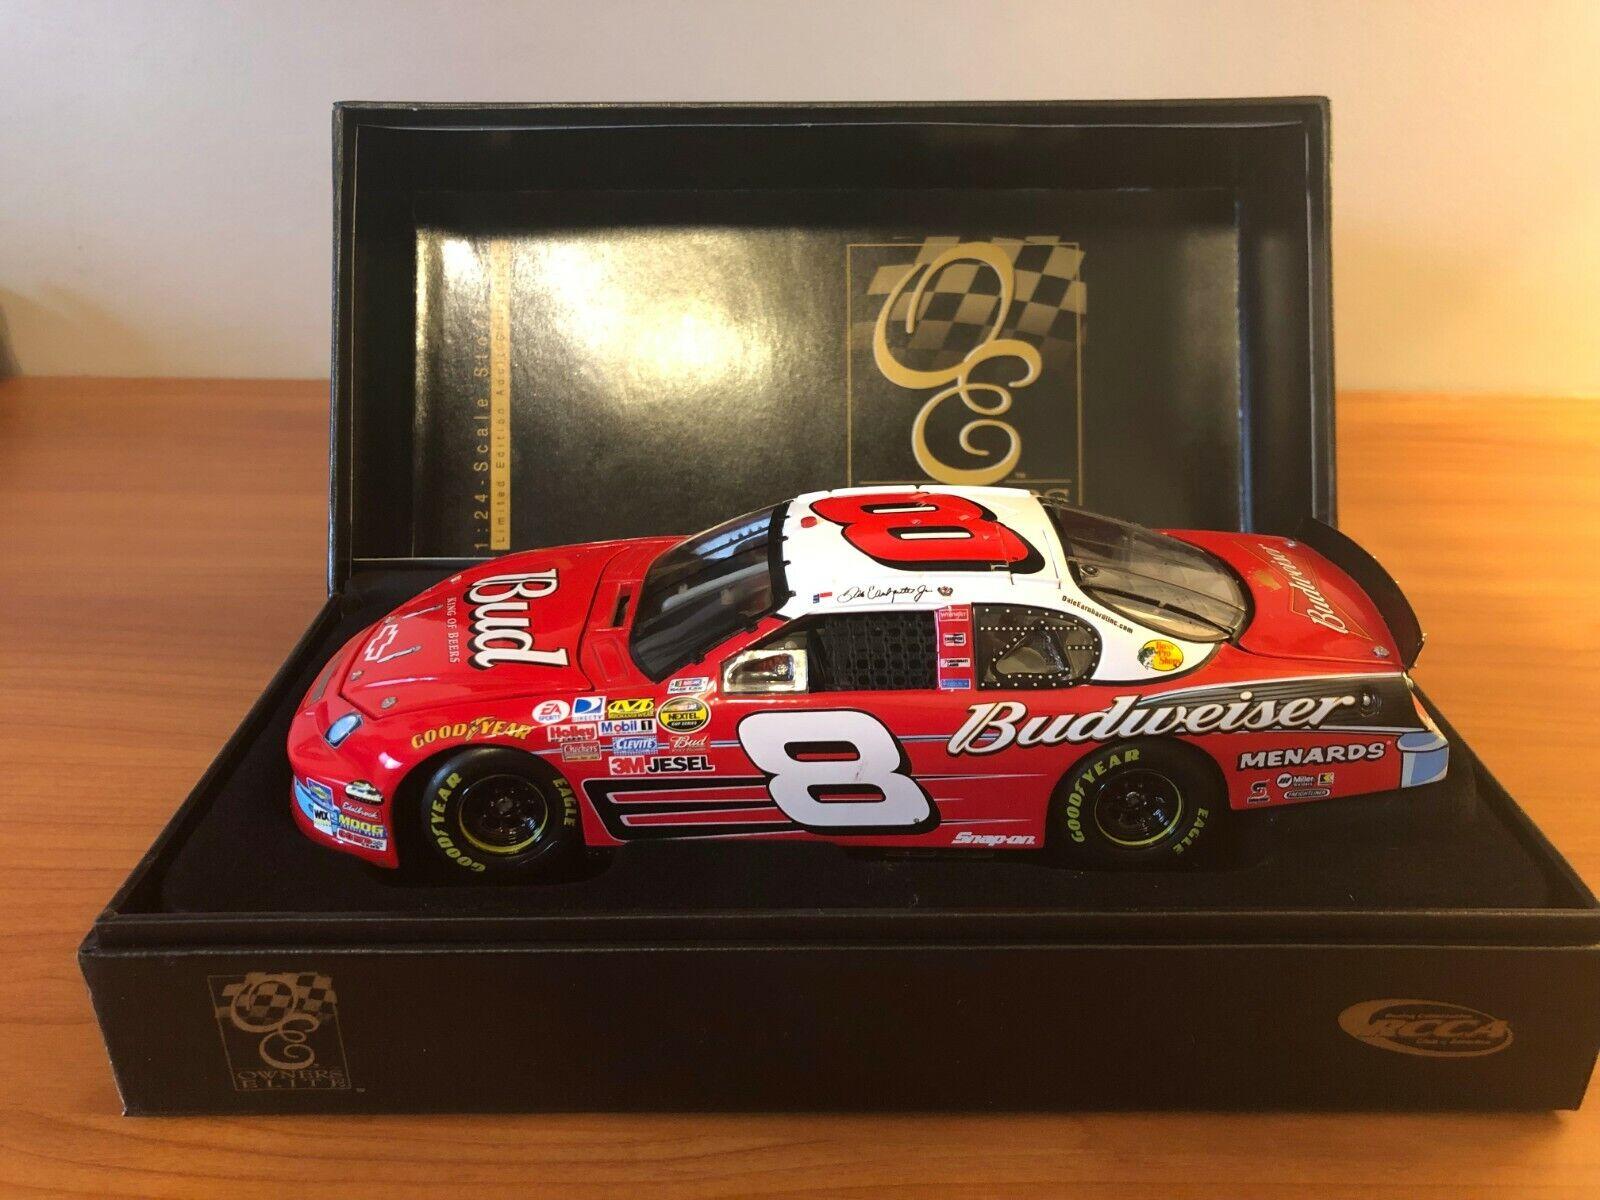 a la venta Dale Earnhardt Jr  8 8 8 Budweiser'57 Chevy 50th aniversario 2007 1 24 Diecast Coche SN 857  Centro comercial profesional integrado en línea.